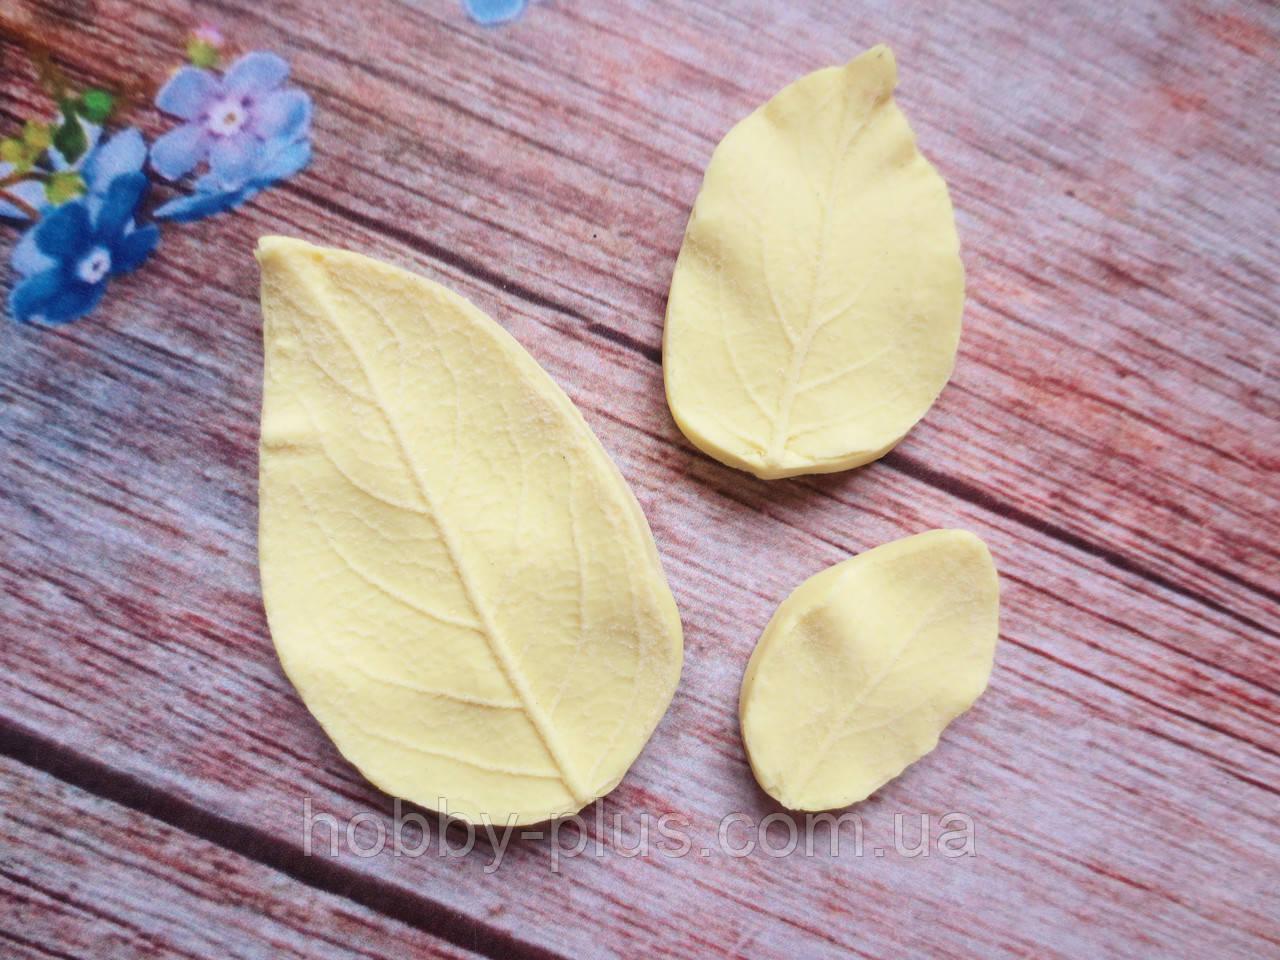 """Набор молдов """"Листья яблони"""" (р-р 5х3, 3,5х2,5, 2,8х1,5 см), 3 шт."""